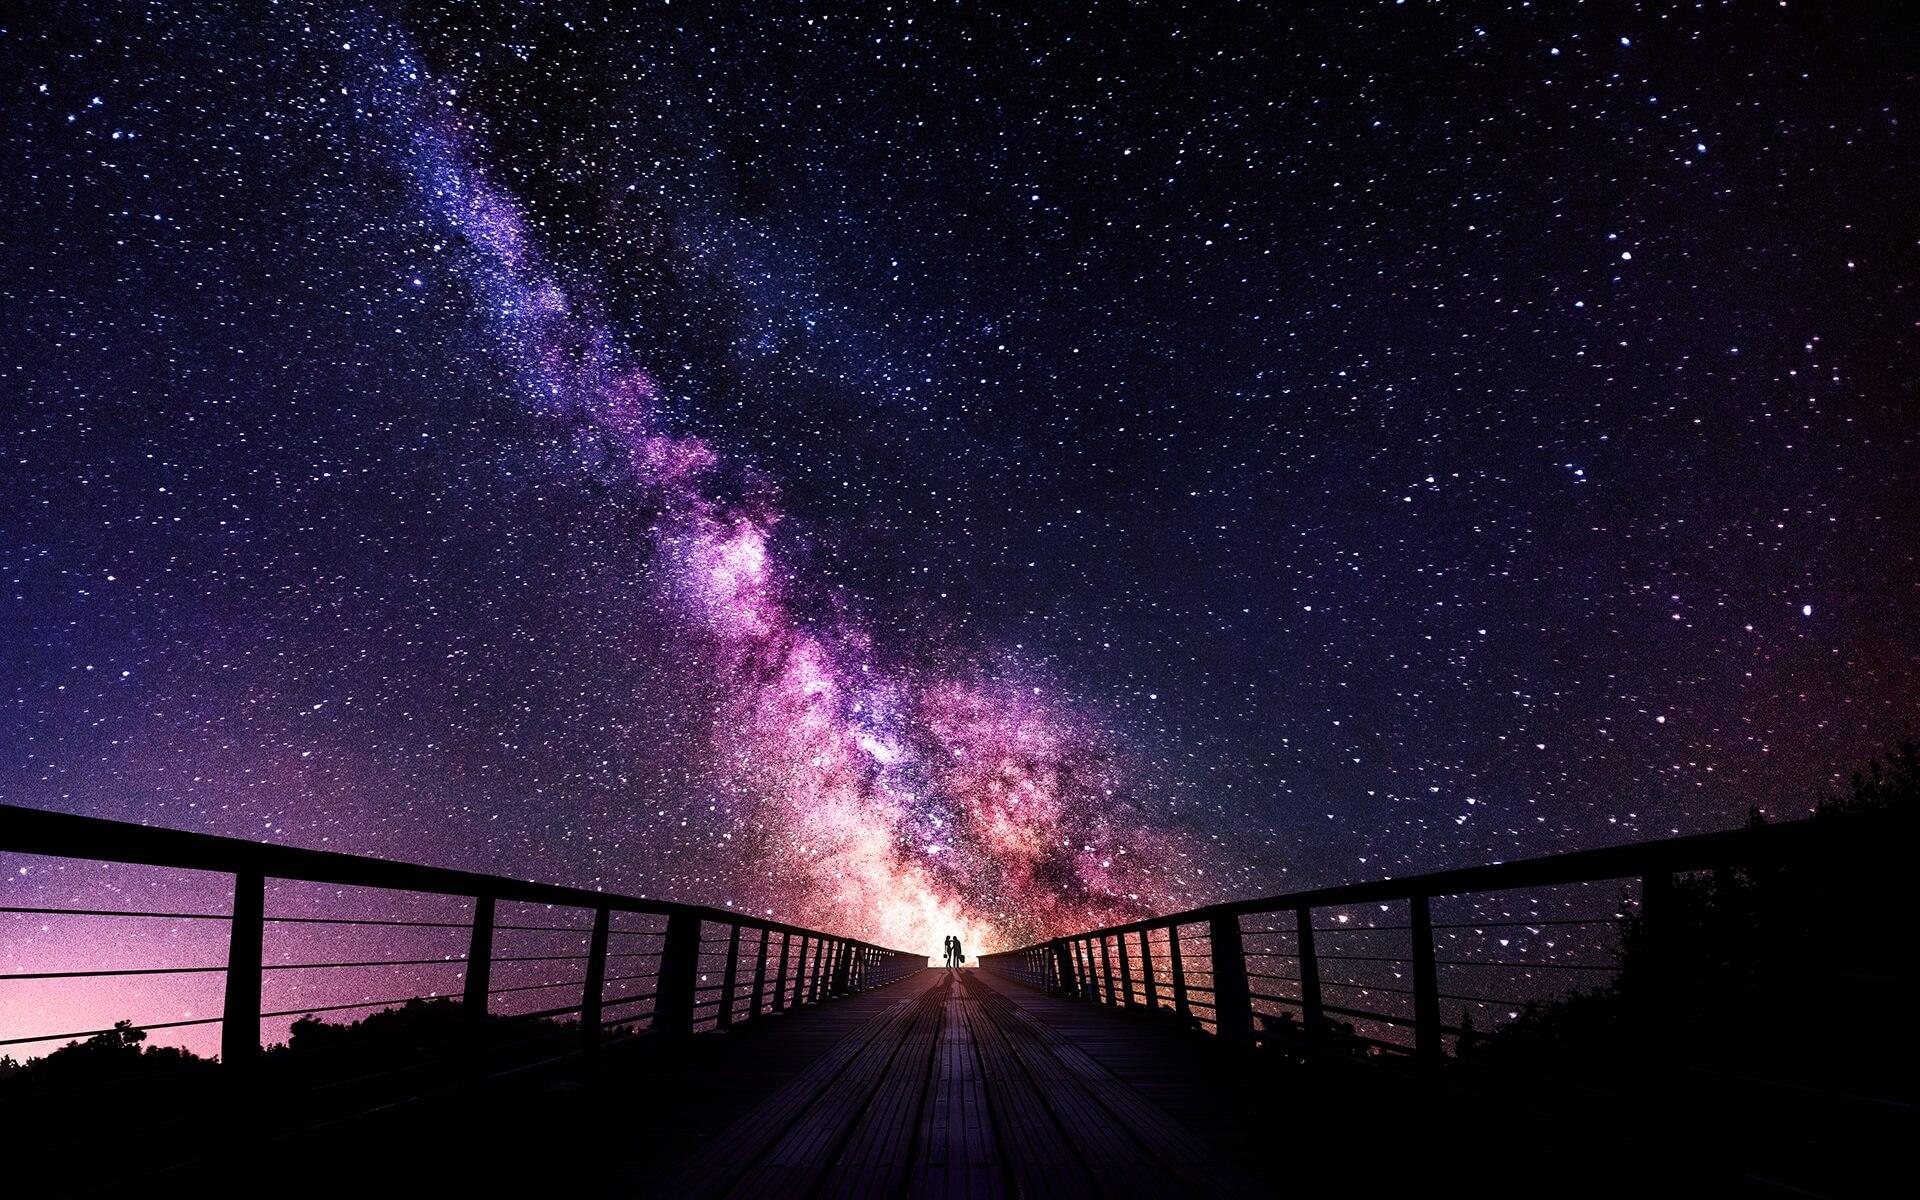 только картинки со звездным небом и надпись я тебя найду толпа идёт толпой